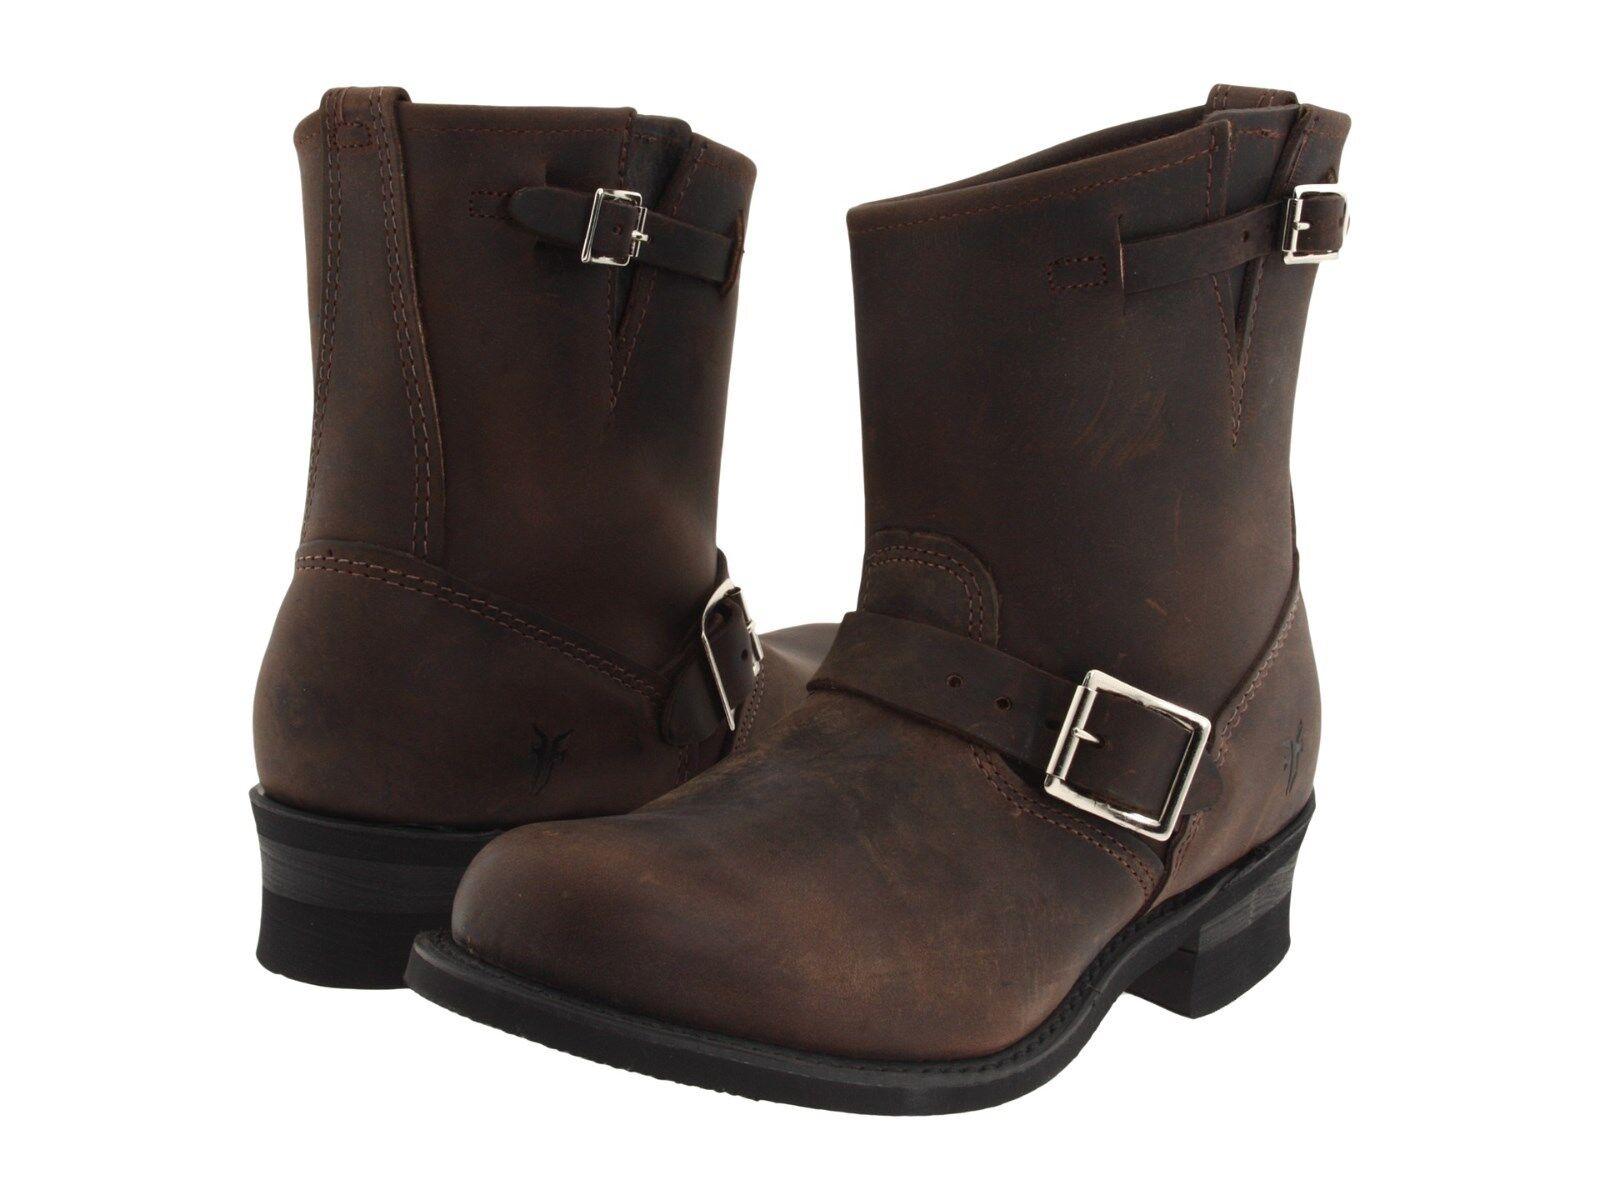 Para Mujer Frye botas 77500 GAL Ingeniero 8r 8r 8r Gaucho marrón  100% garantía genuina de contador